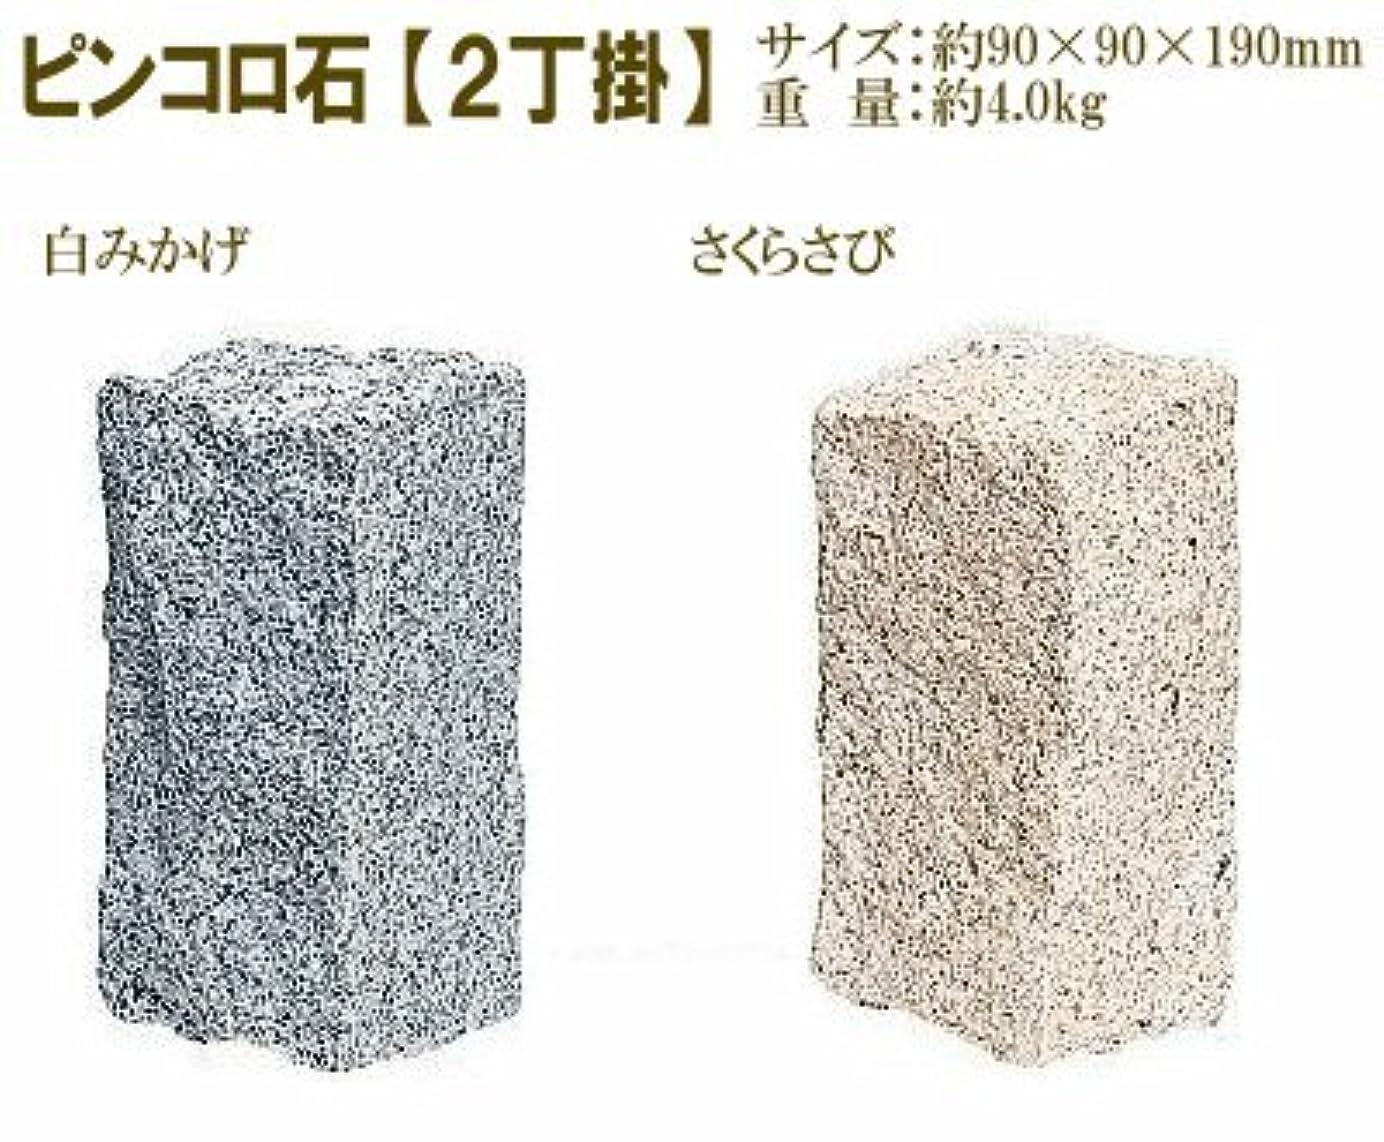 ボールパパ国ピンコロ石2丁掛×6個セット(さくらさび)